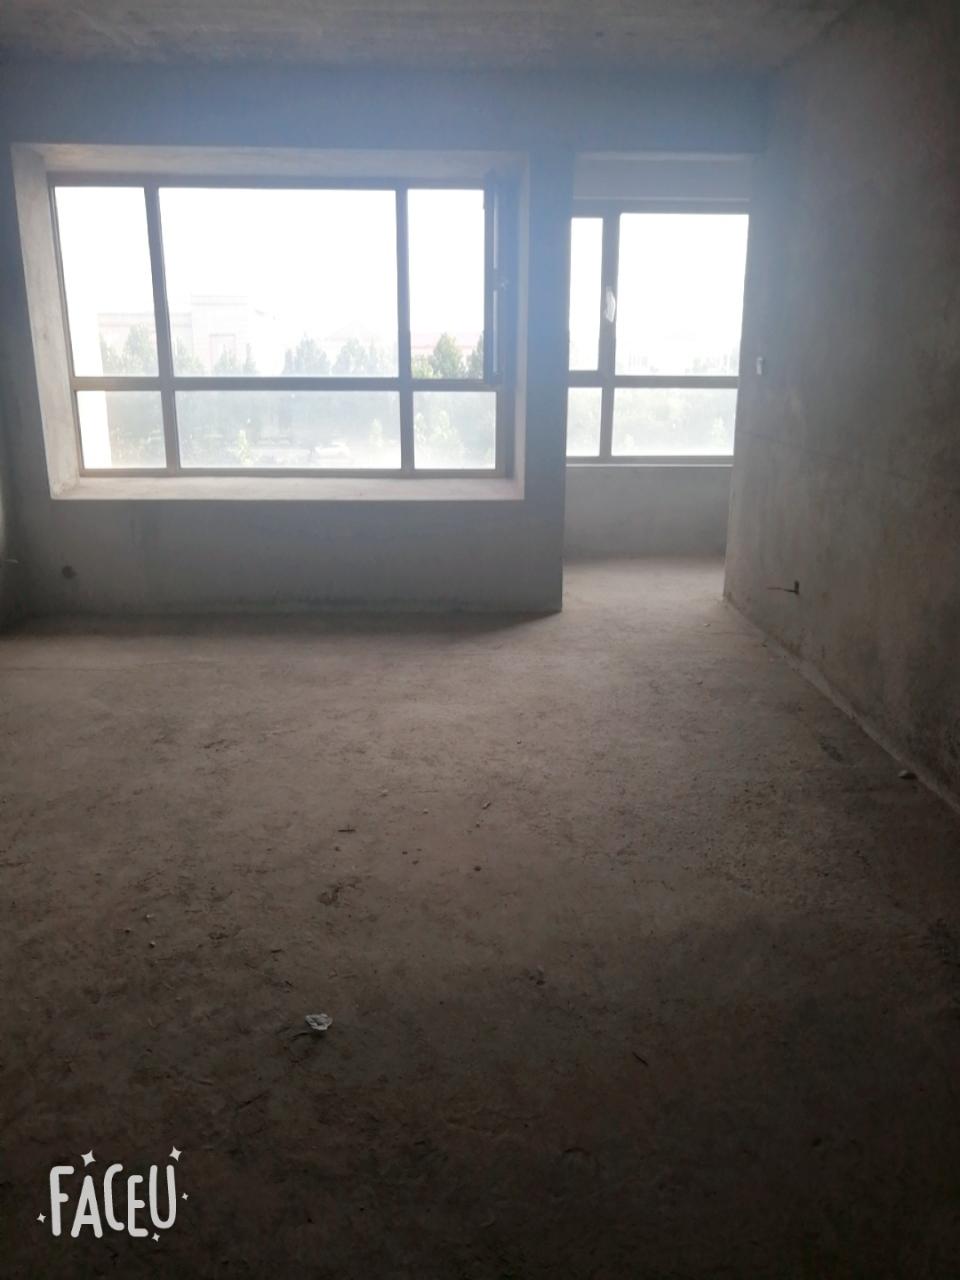 丽景豪庭洋房145平,4室2卫证满两年,108万